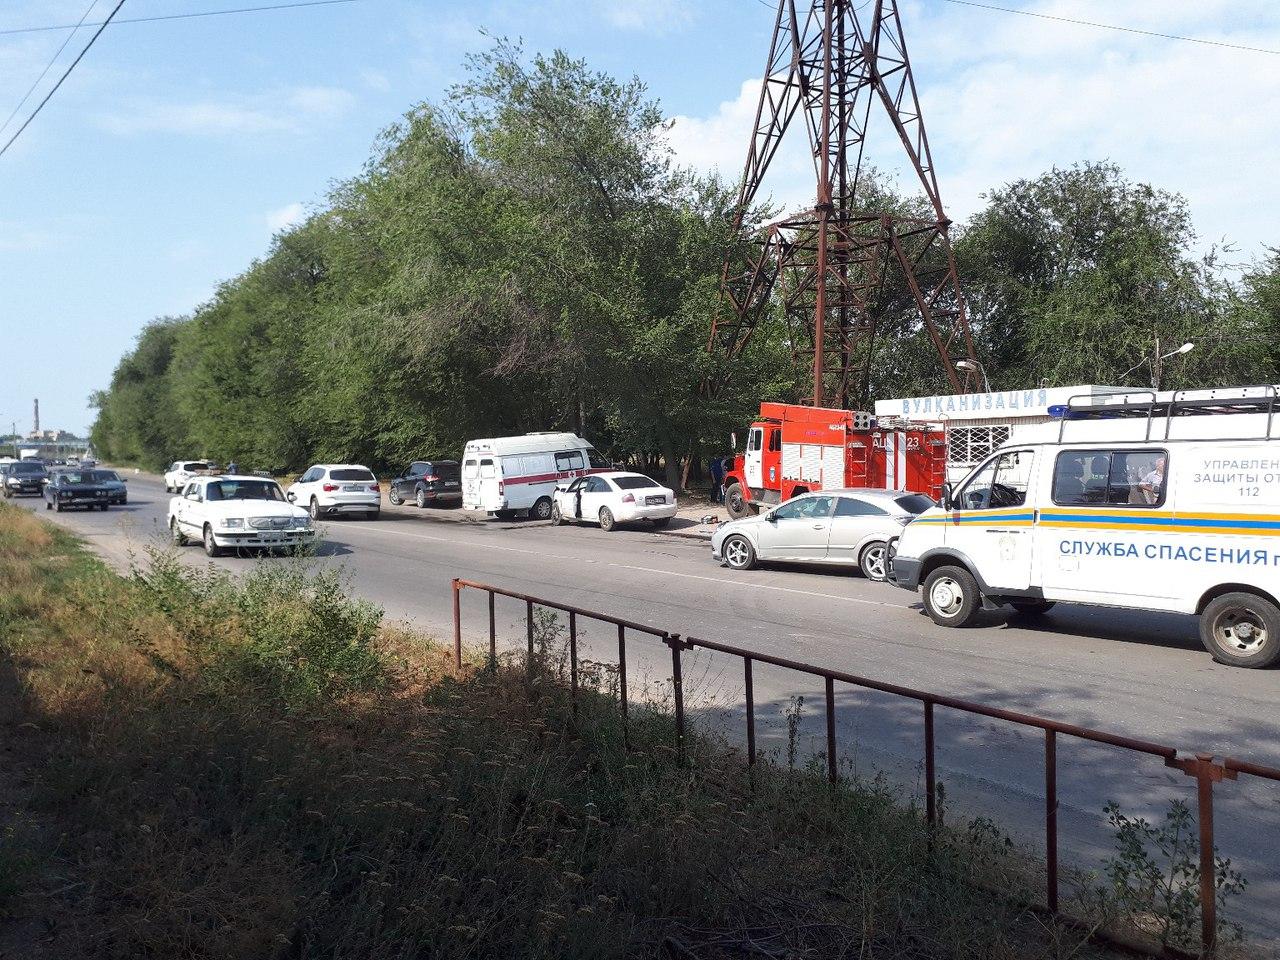 В Таганроге на улице Москатова произошло серьезное ДТП